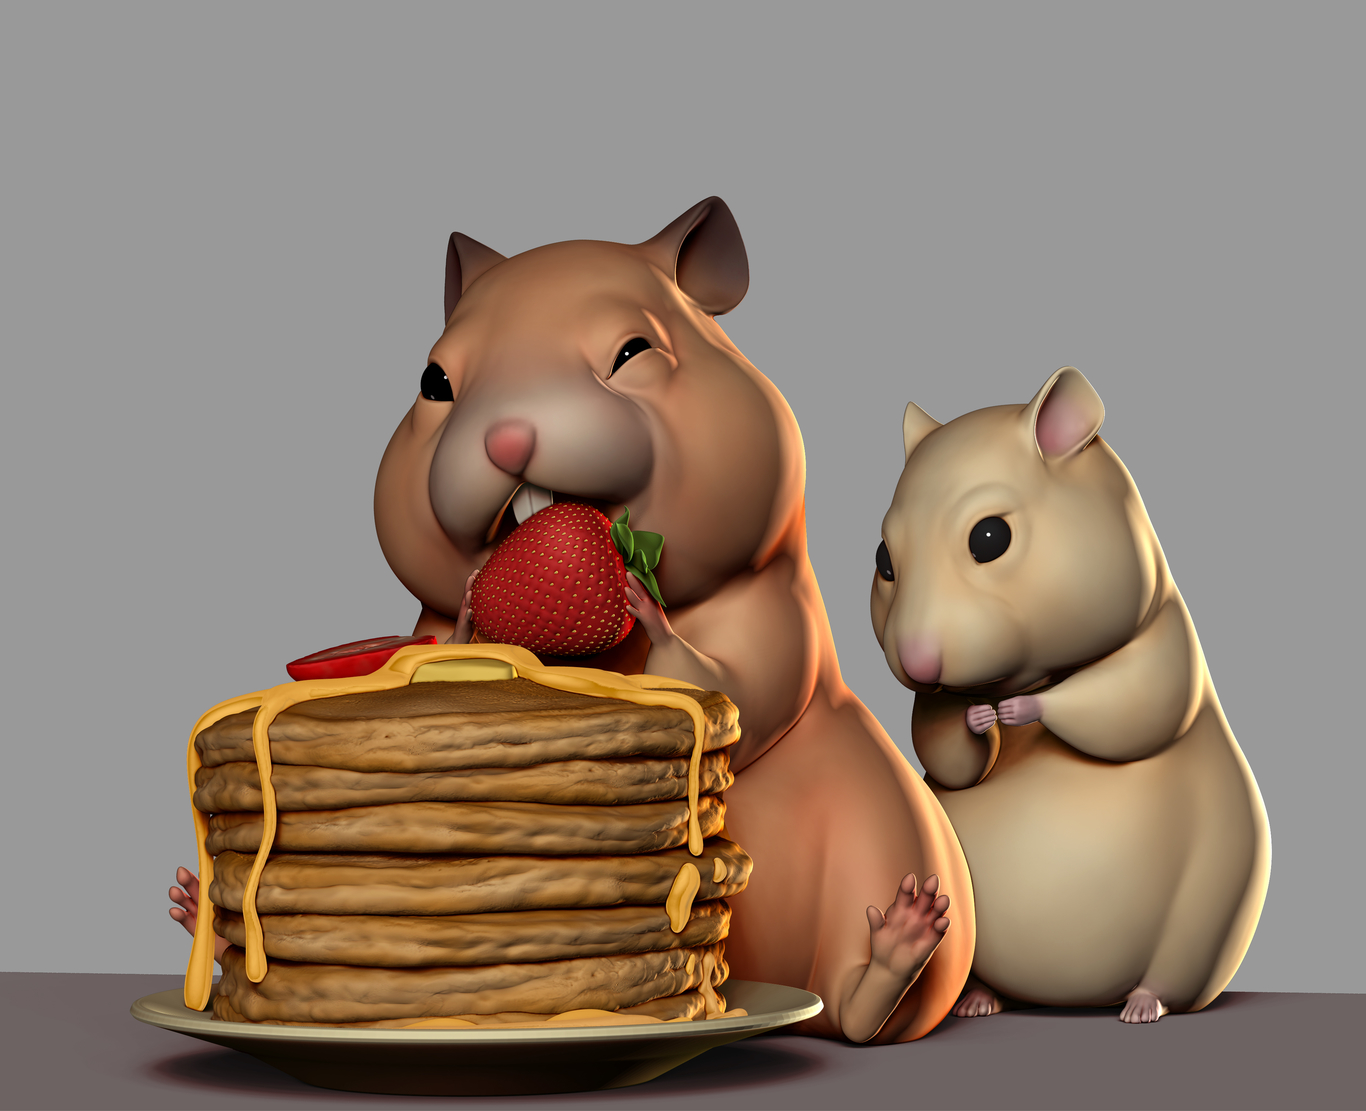 Hannahkang obese hamster 1 3e72d898 v9zc